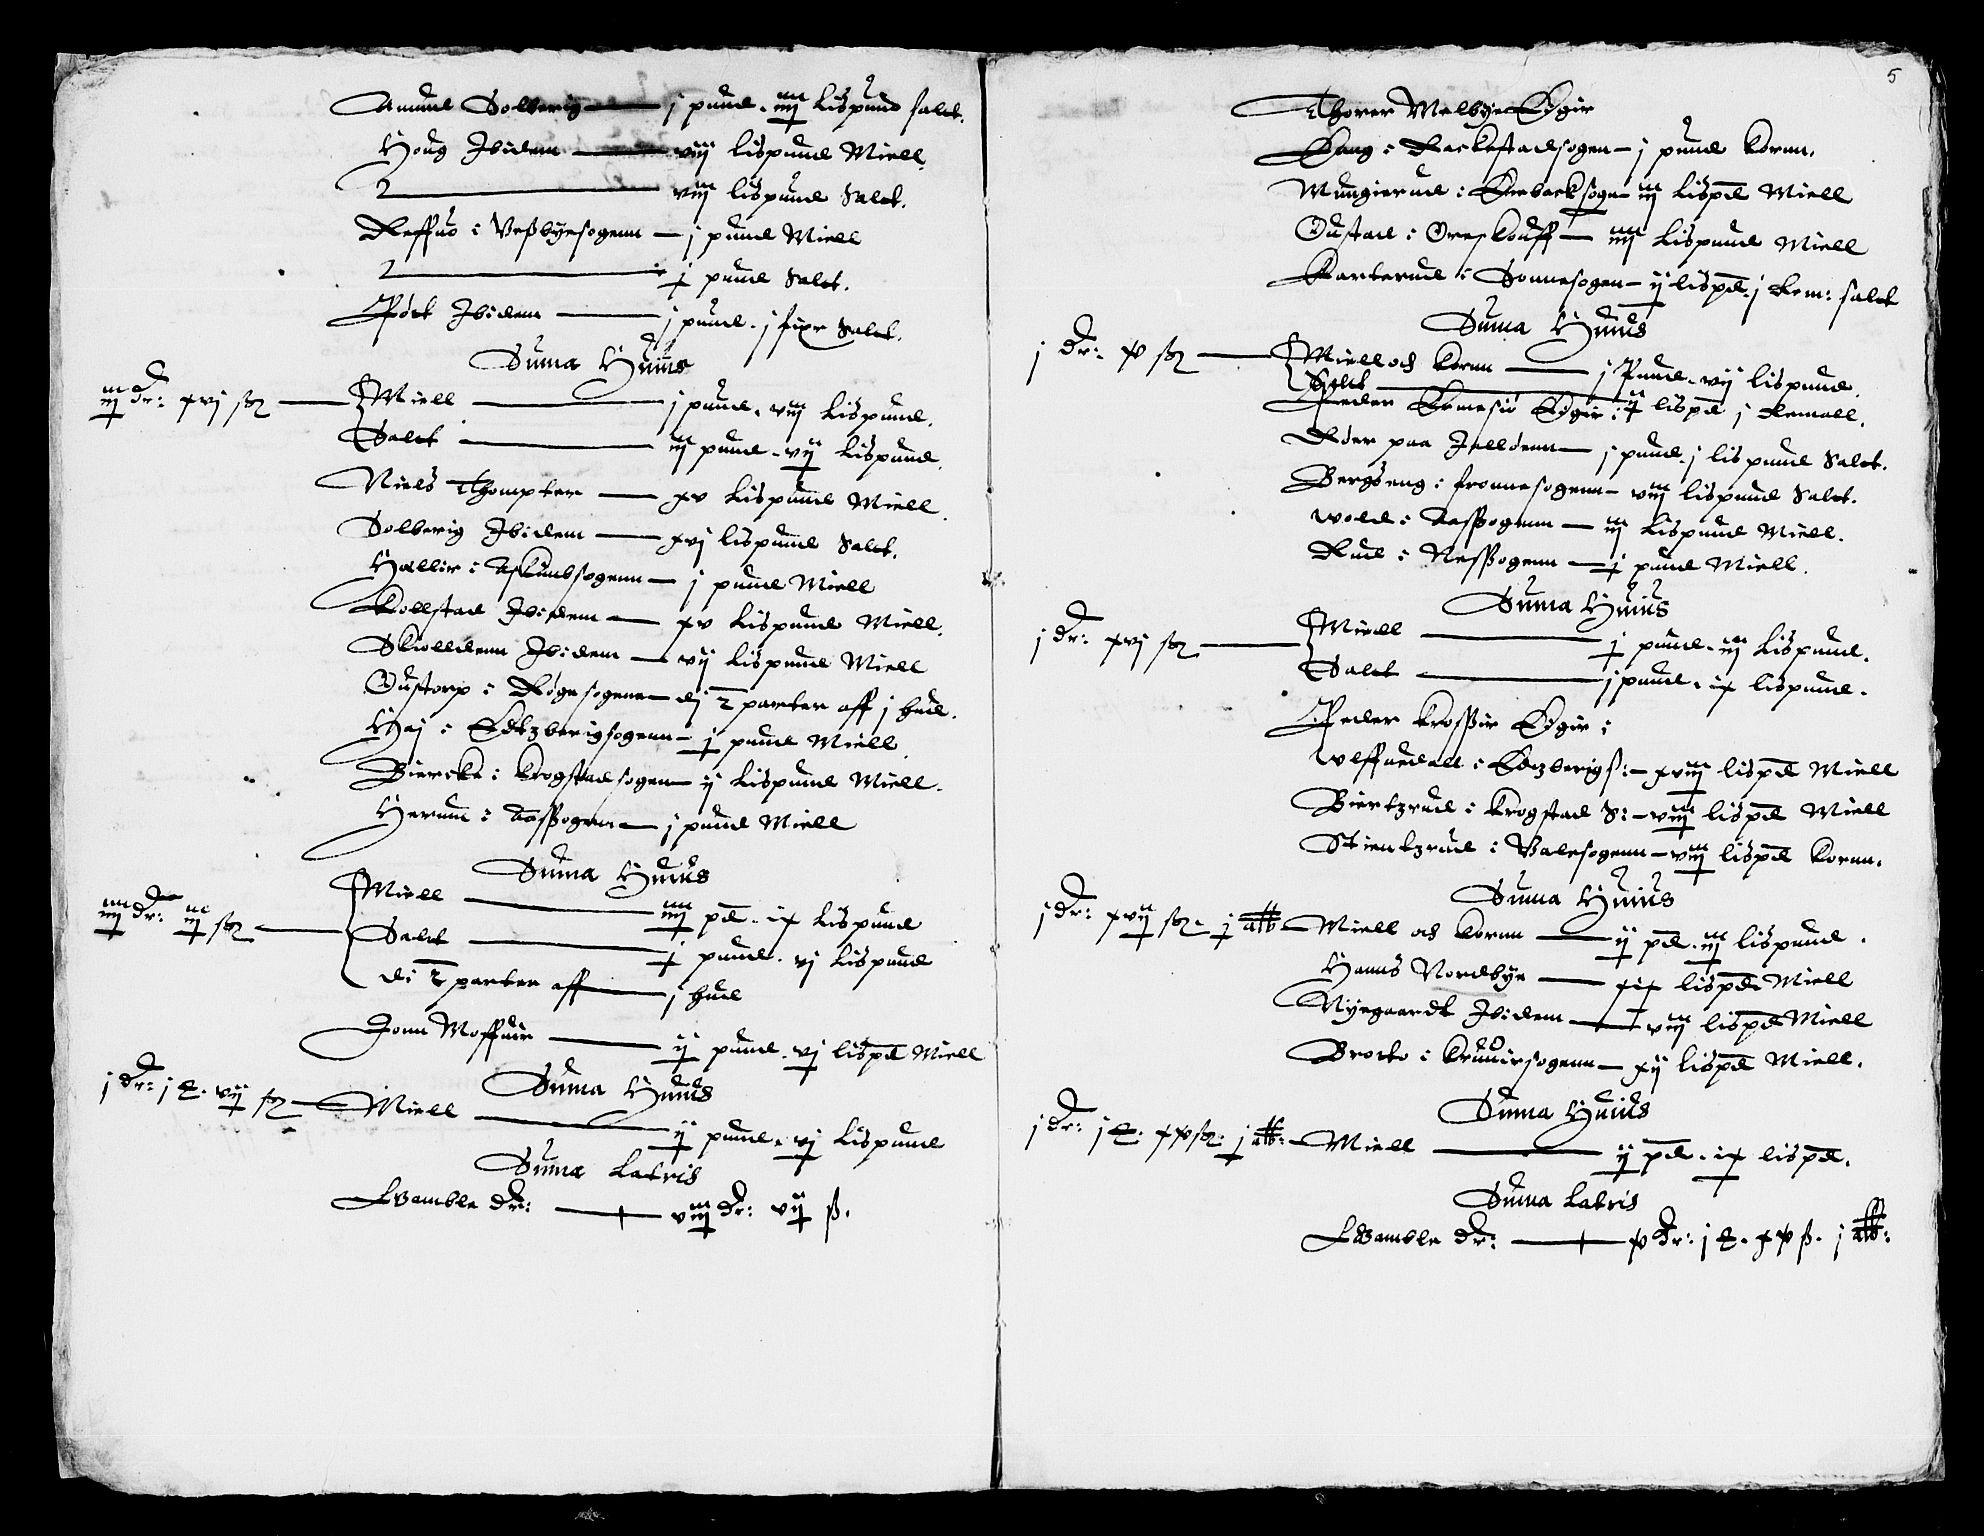 RA, Rentekammeret inntil 1814, Reviderte regnskaper, Lensregnskaper, R/Rb/Rba/L0036: Akershus len, 1614-1615